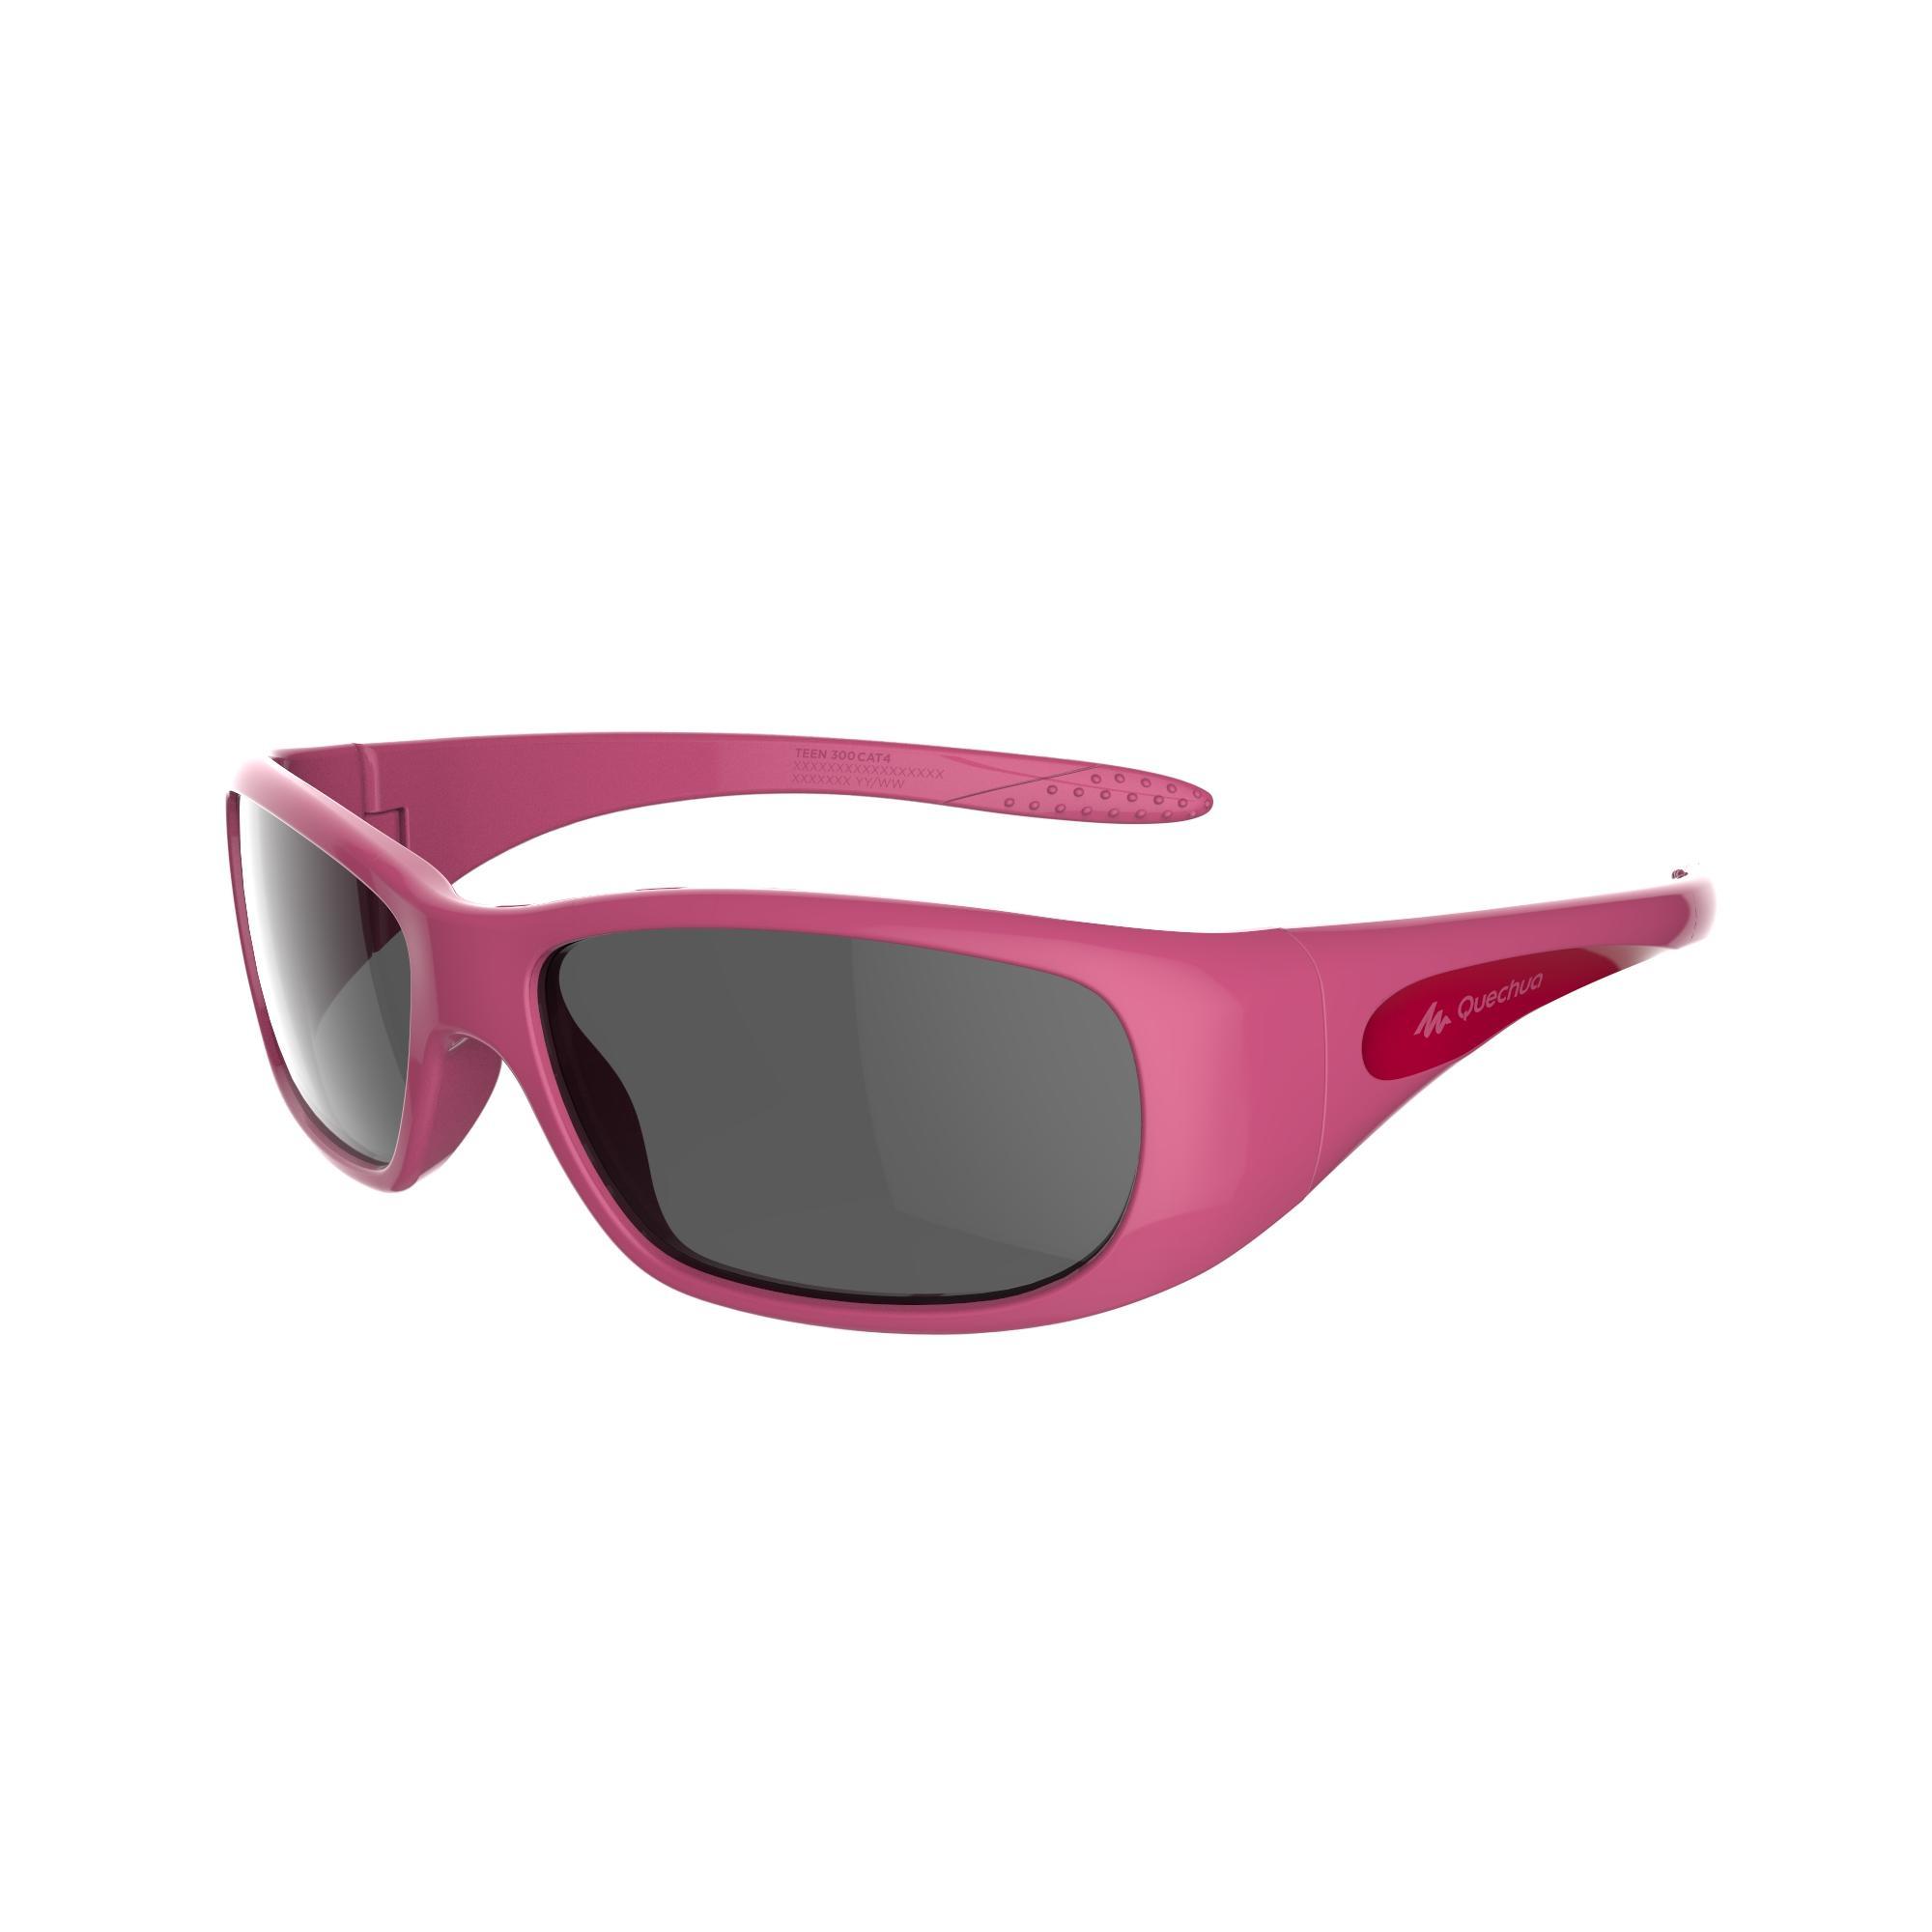 Lentes de sol de senderismo niños 7-9 años TEEN 300 rosa categoría 4